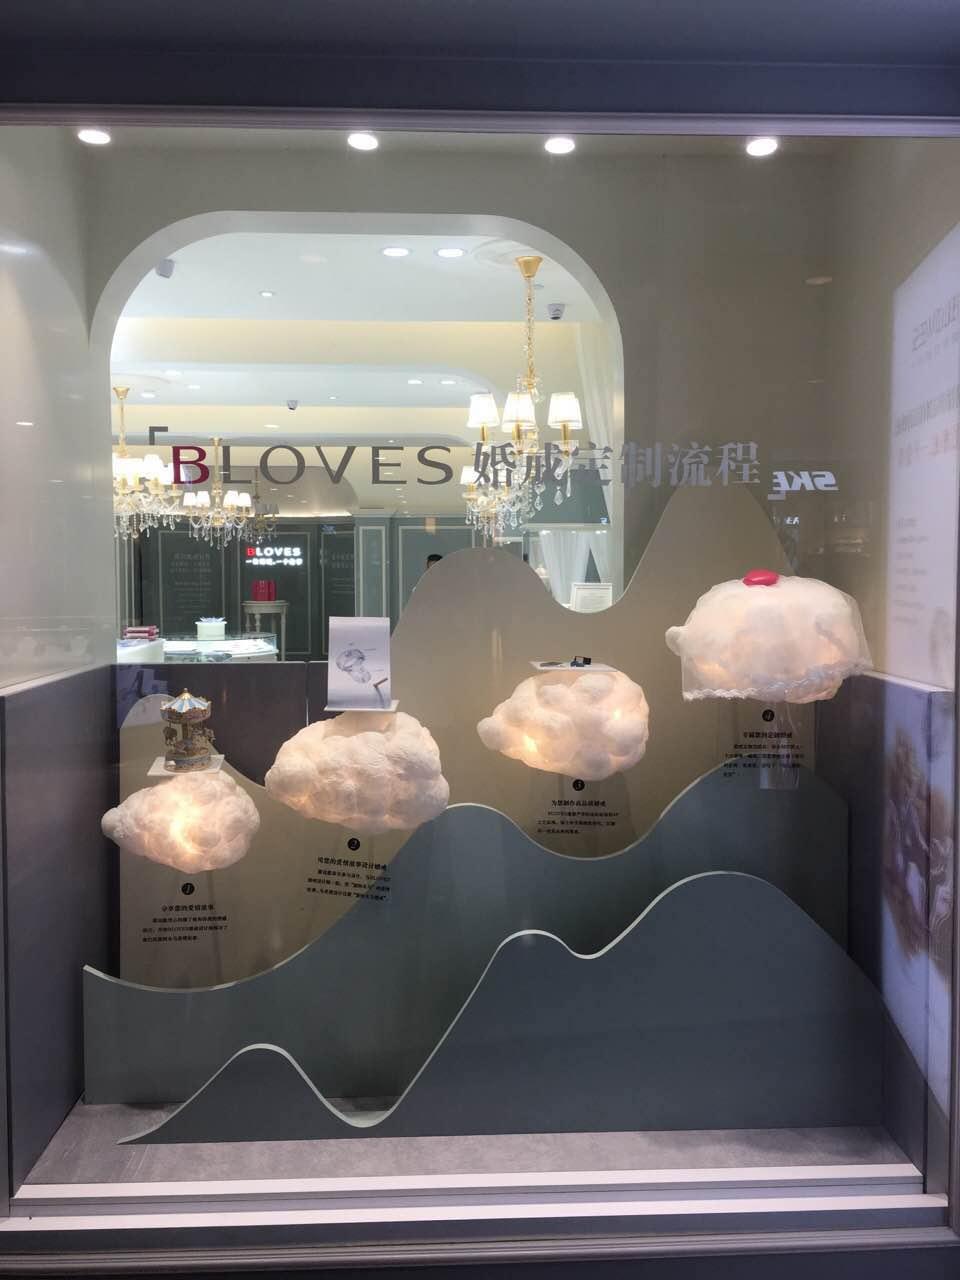 BLOVES diamond ring stores